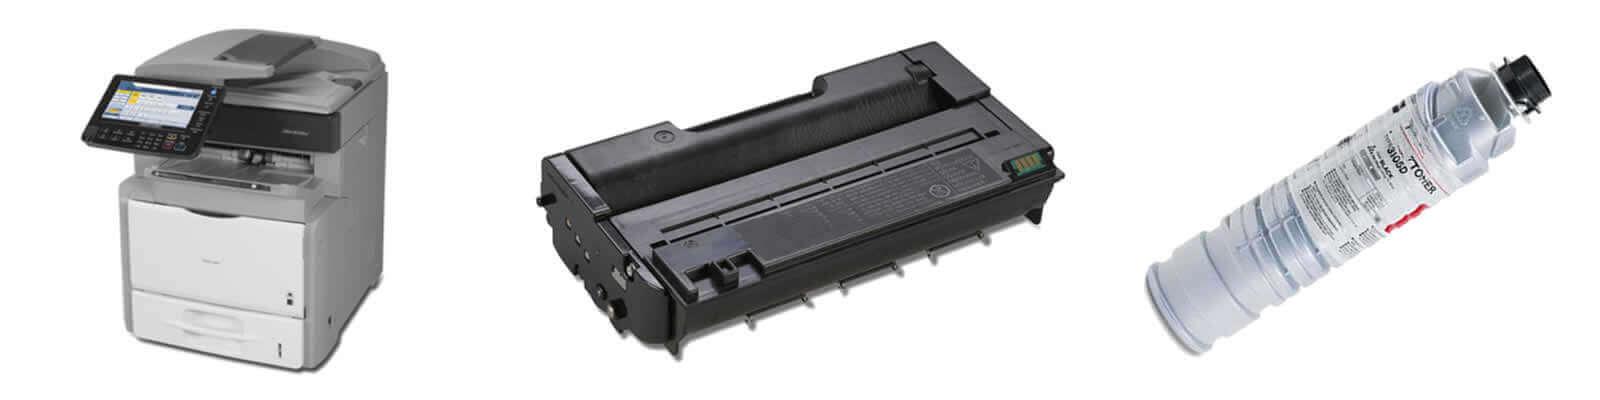 Assistência técnica para impressoras Ricoh